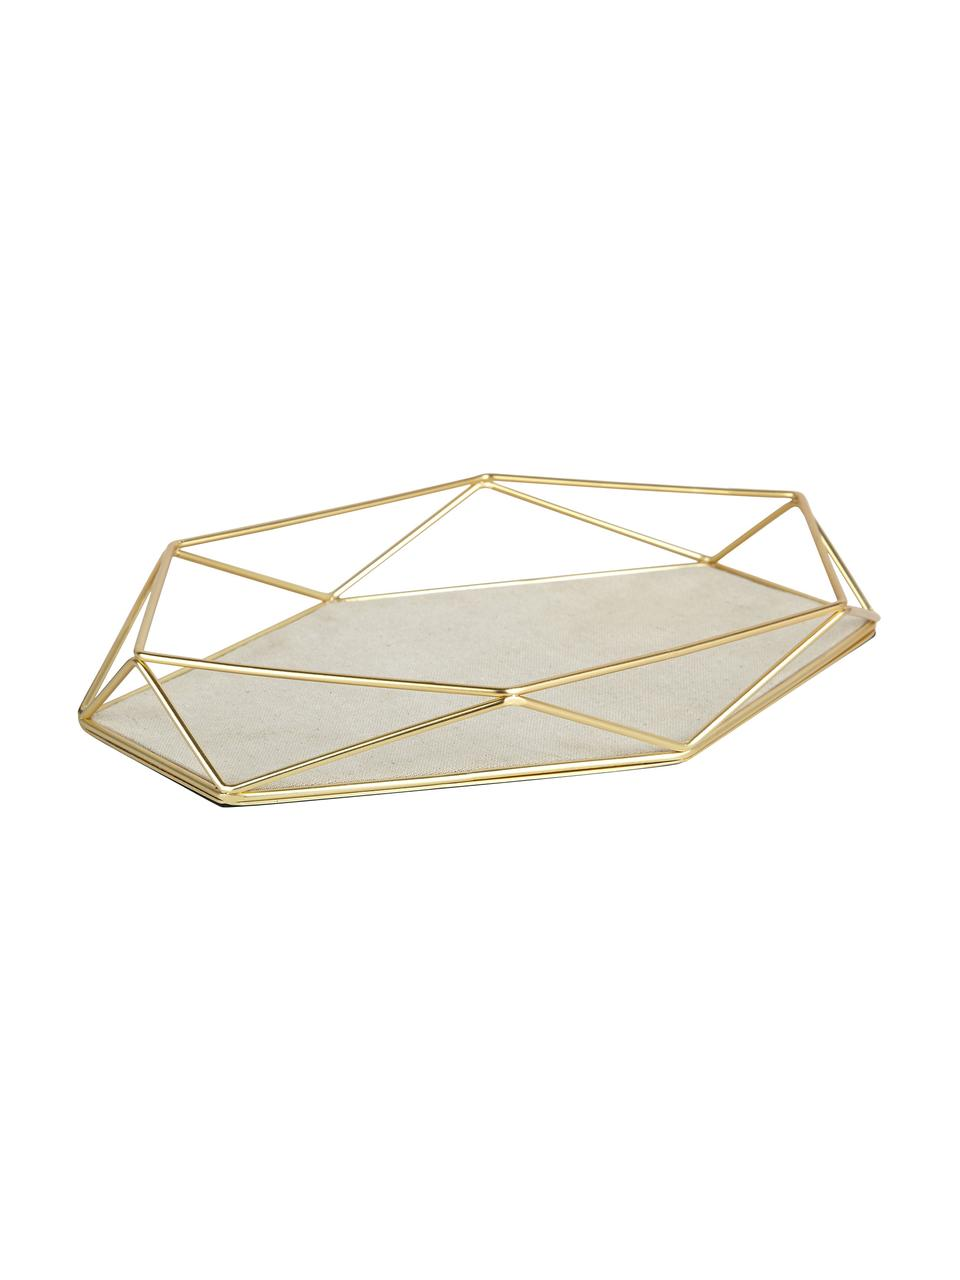 Vassoio decorativo Prisma, Struttura: acciaio ottonato placcato, Scaffale: acciaio, lino, Ottone, taupe chiaro, Larg. 28 x Alt. 4 cm